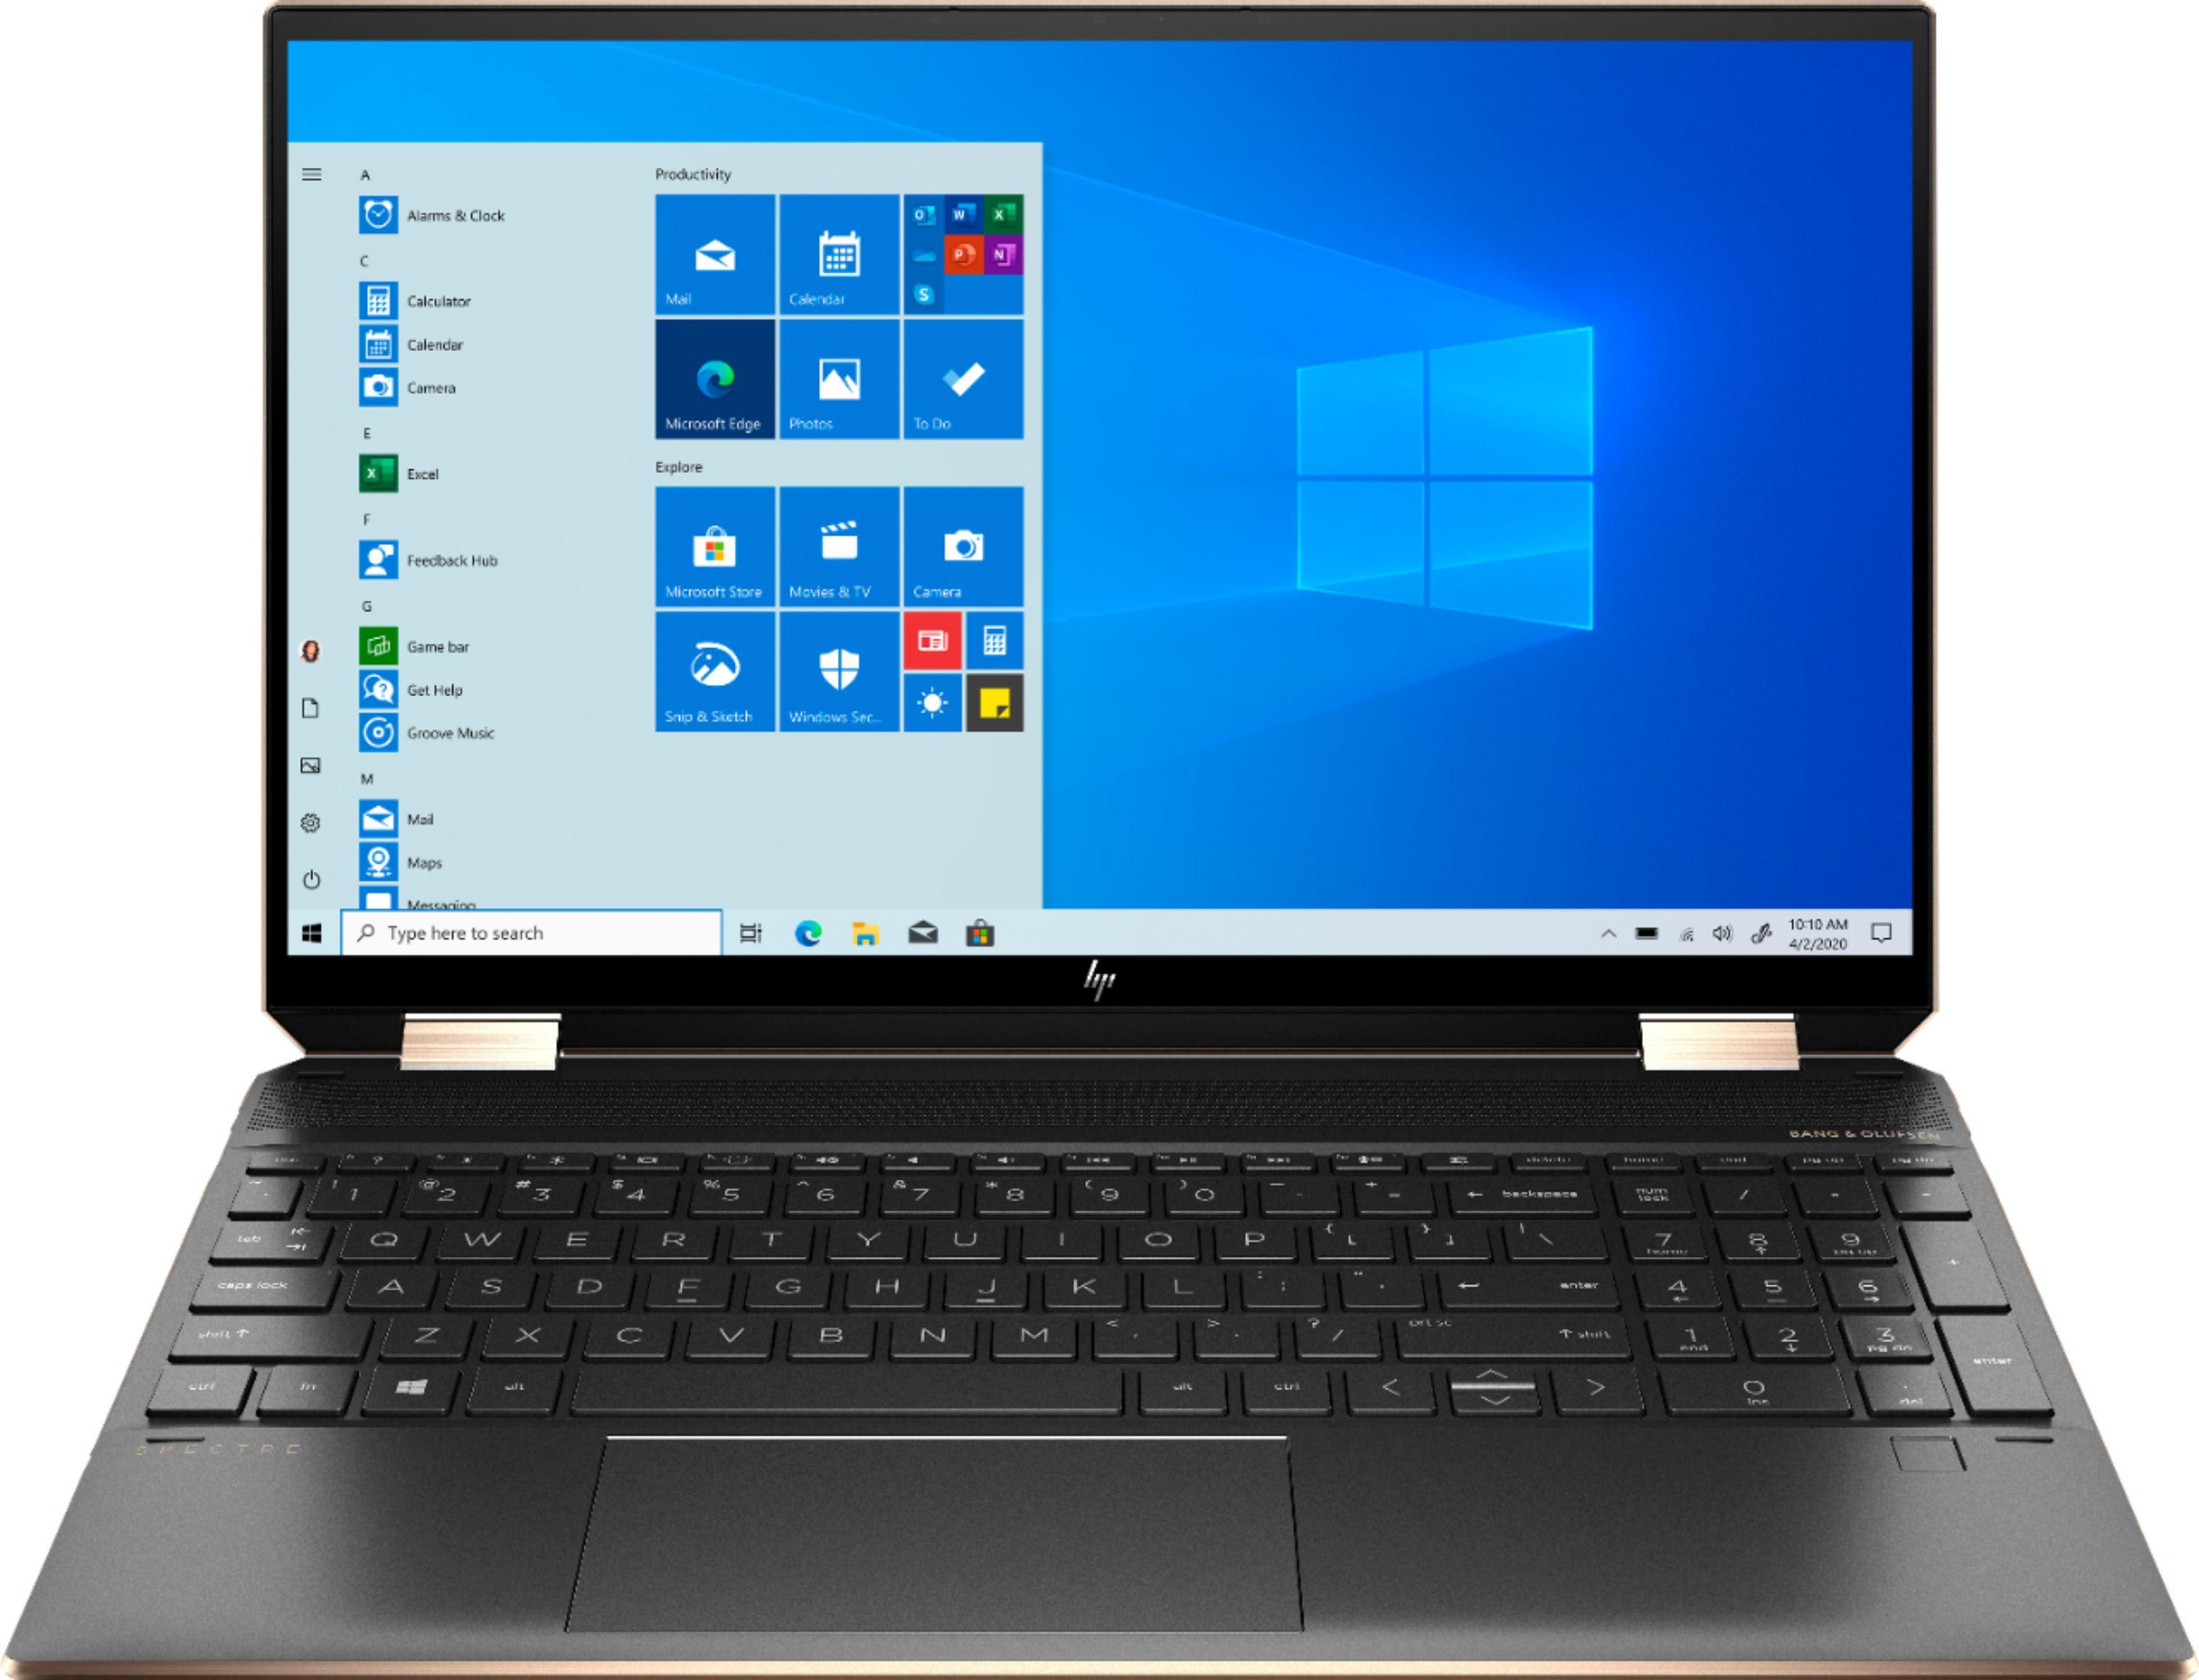 """BestBuy $1099.99 HP - Spectre x360 2-in-1 15.6"""" 4K Ultra HD Touch-Screen Laptop - Intel Core i7 - 16GB Memory - GeForce MX330 - 512GB SSD - Nightfall Black"""